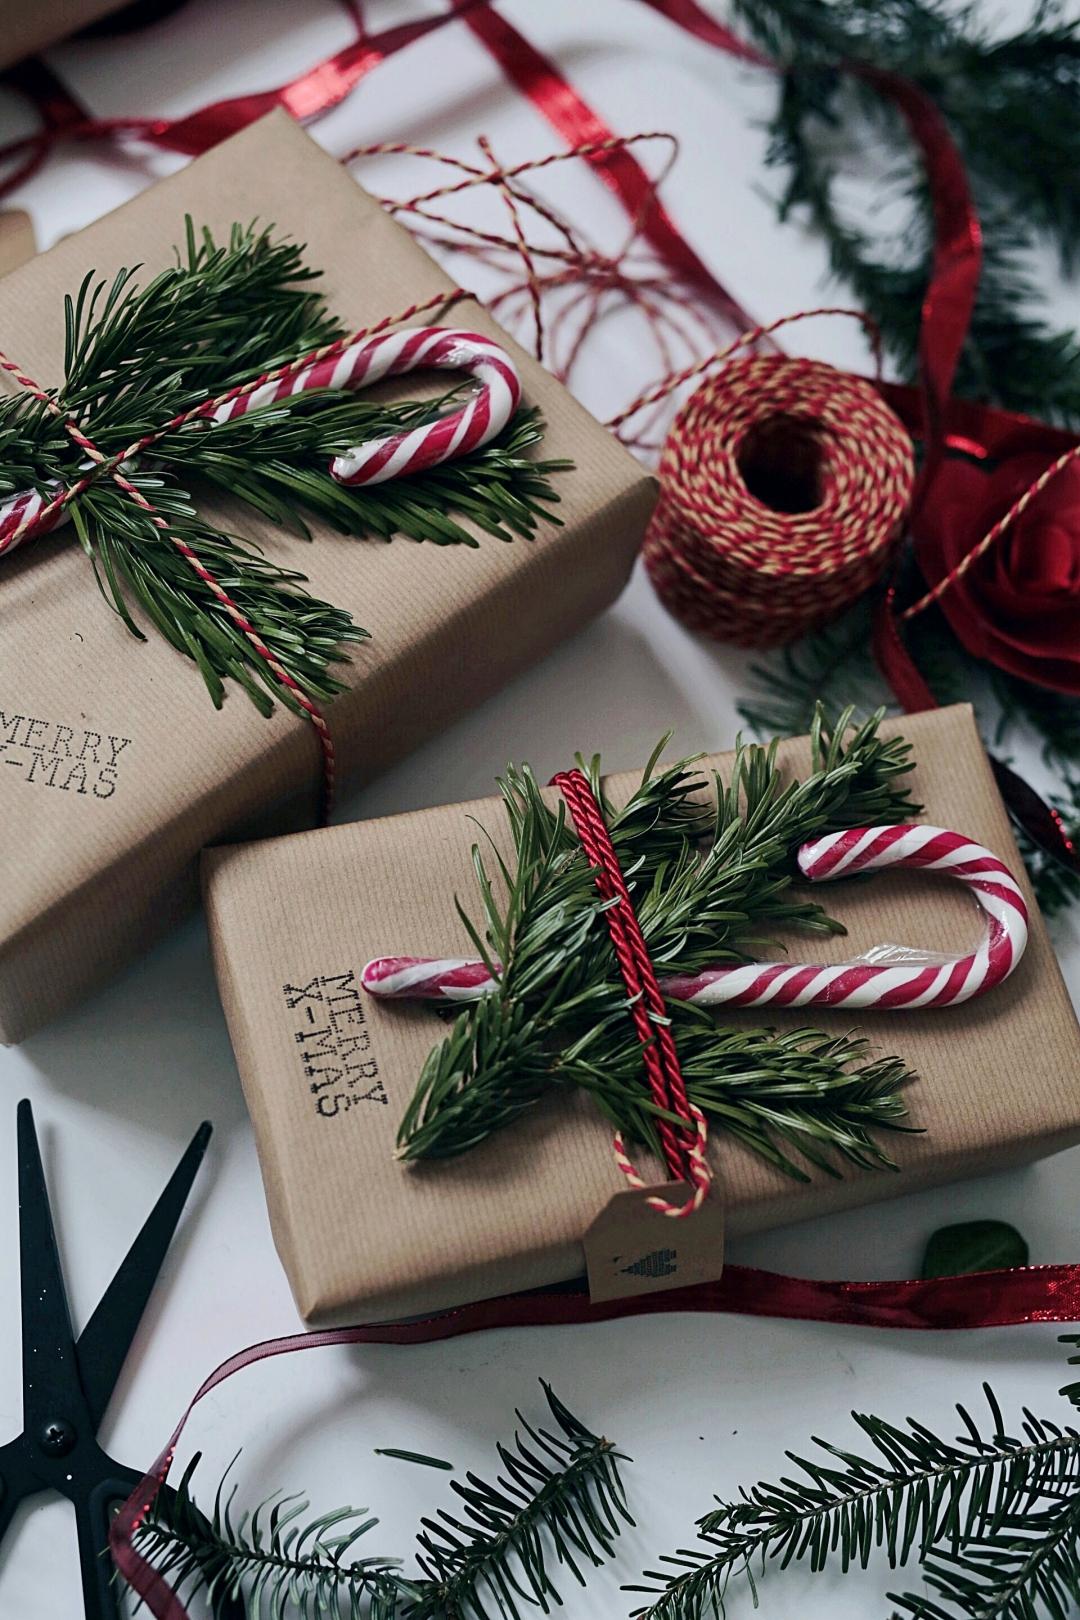 Weihnachtsgeschenke Keine Idee.4 Schöne Ideen Um Weihnachtsgeschenke Zu Verpacken Valeriehusemann